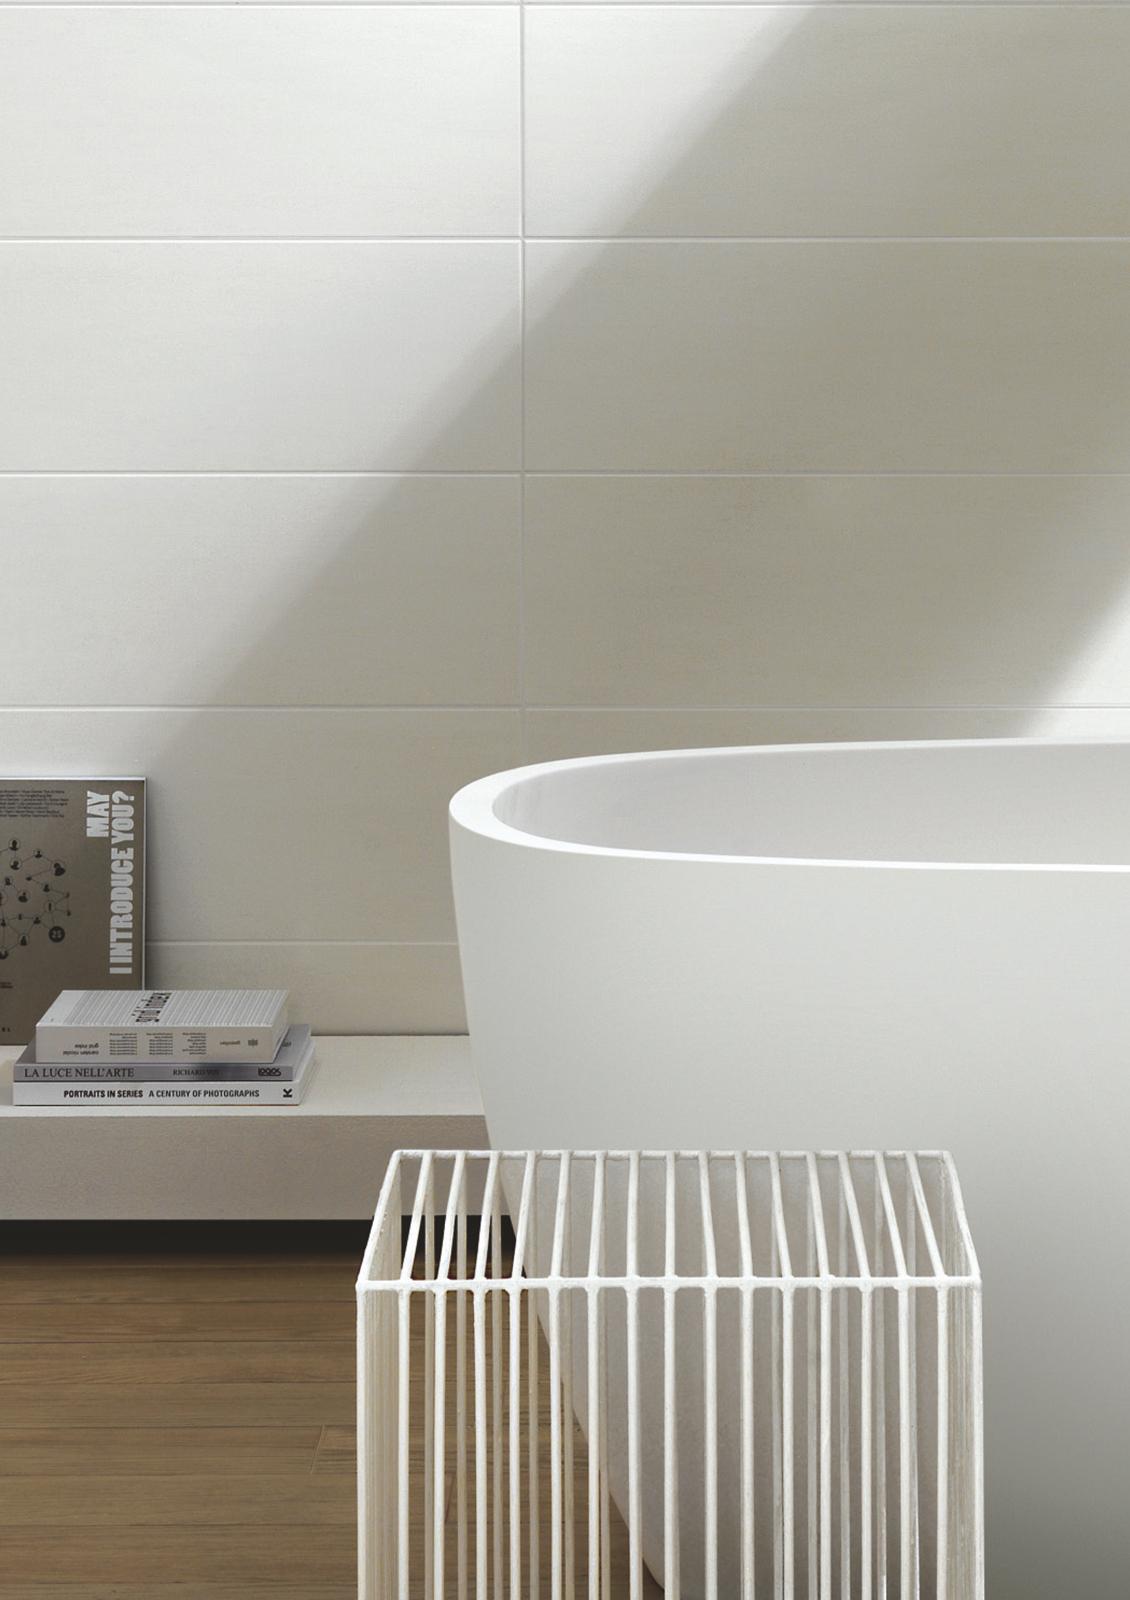 Collezione trend piastrelle in ceramica da rivestimento ragno - Piastrelle bagno opache ...